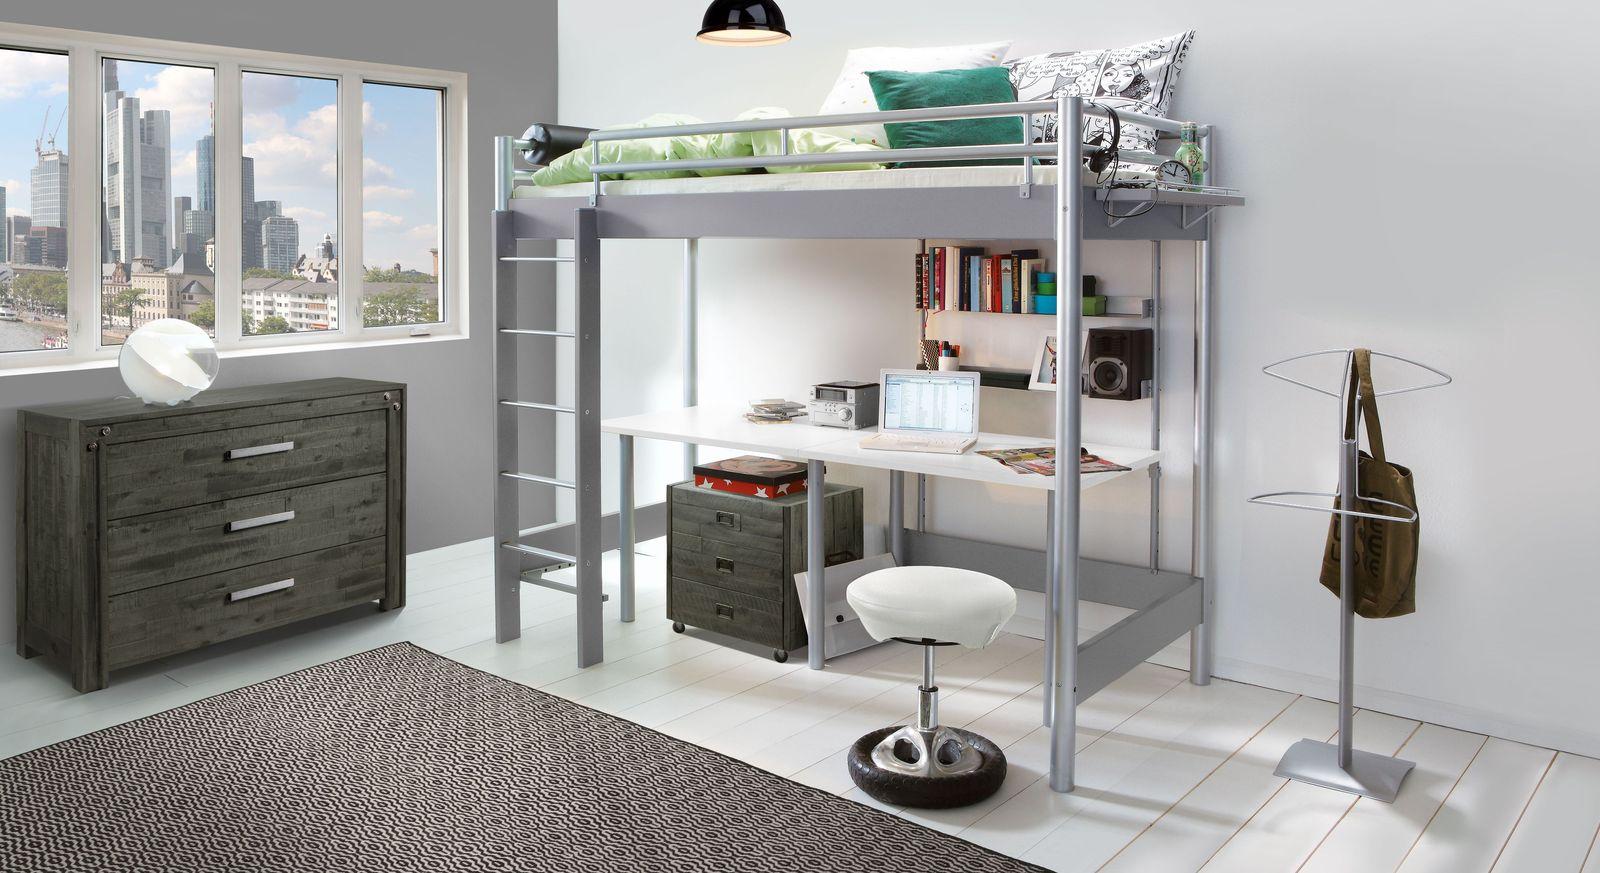 leiter deko schlafzimmer metal bettw sche ikea family schlafzimmer aktion abschlie bare. Black Bedroom Furniture Sets. Home Design Ideas